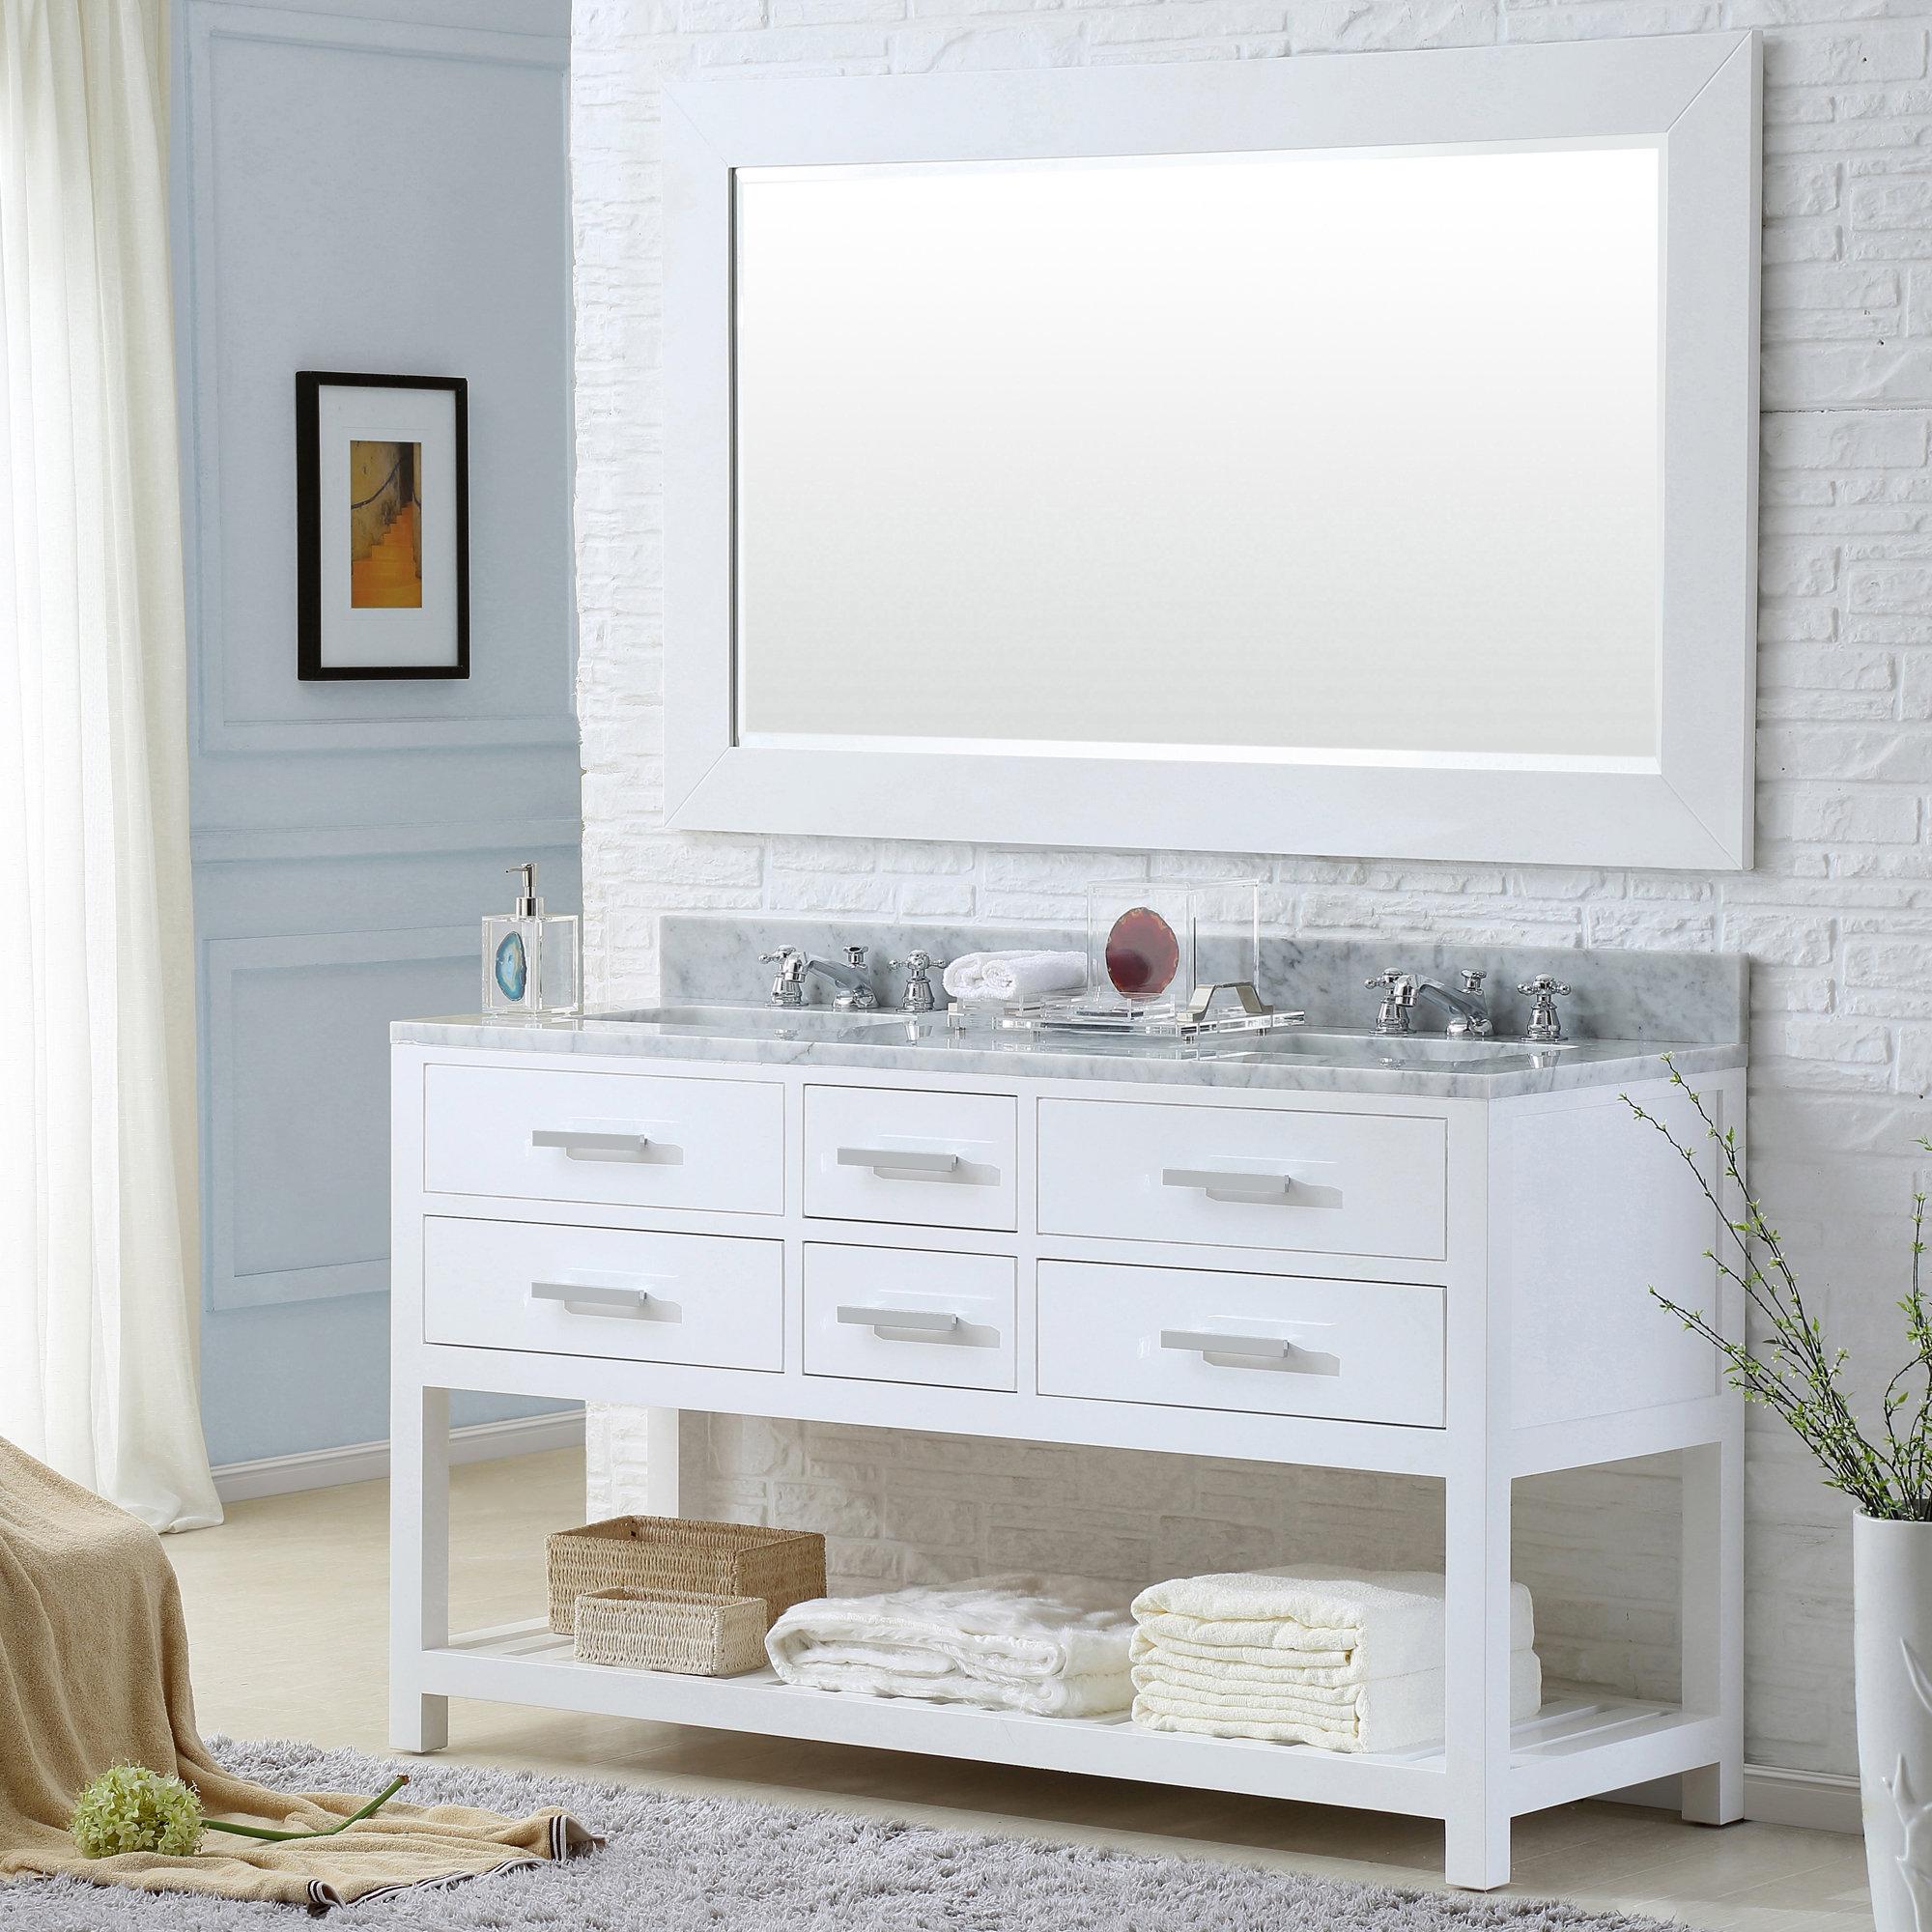 Contemporary Office Interior Design, Perego 60 Double Sink Bathroom Vanity Set With Mirror Allmodern